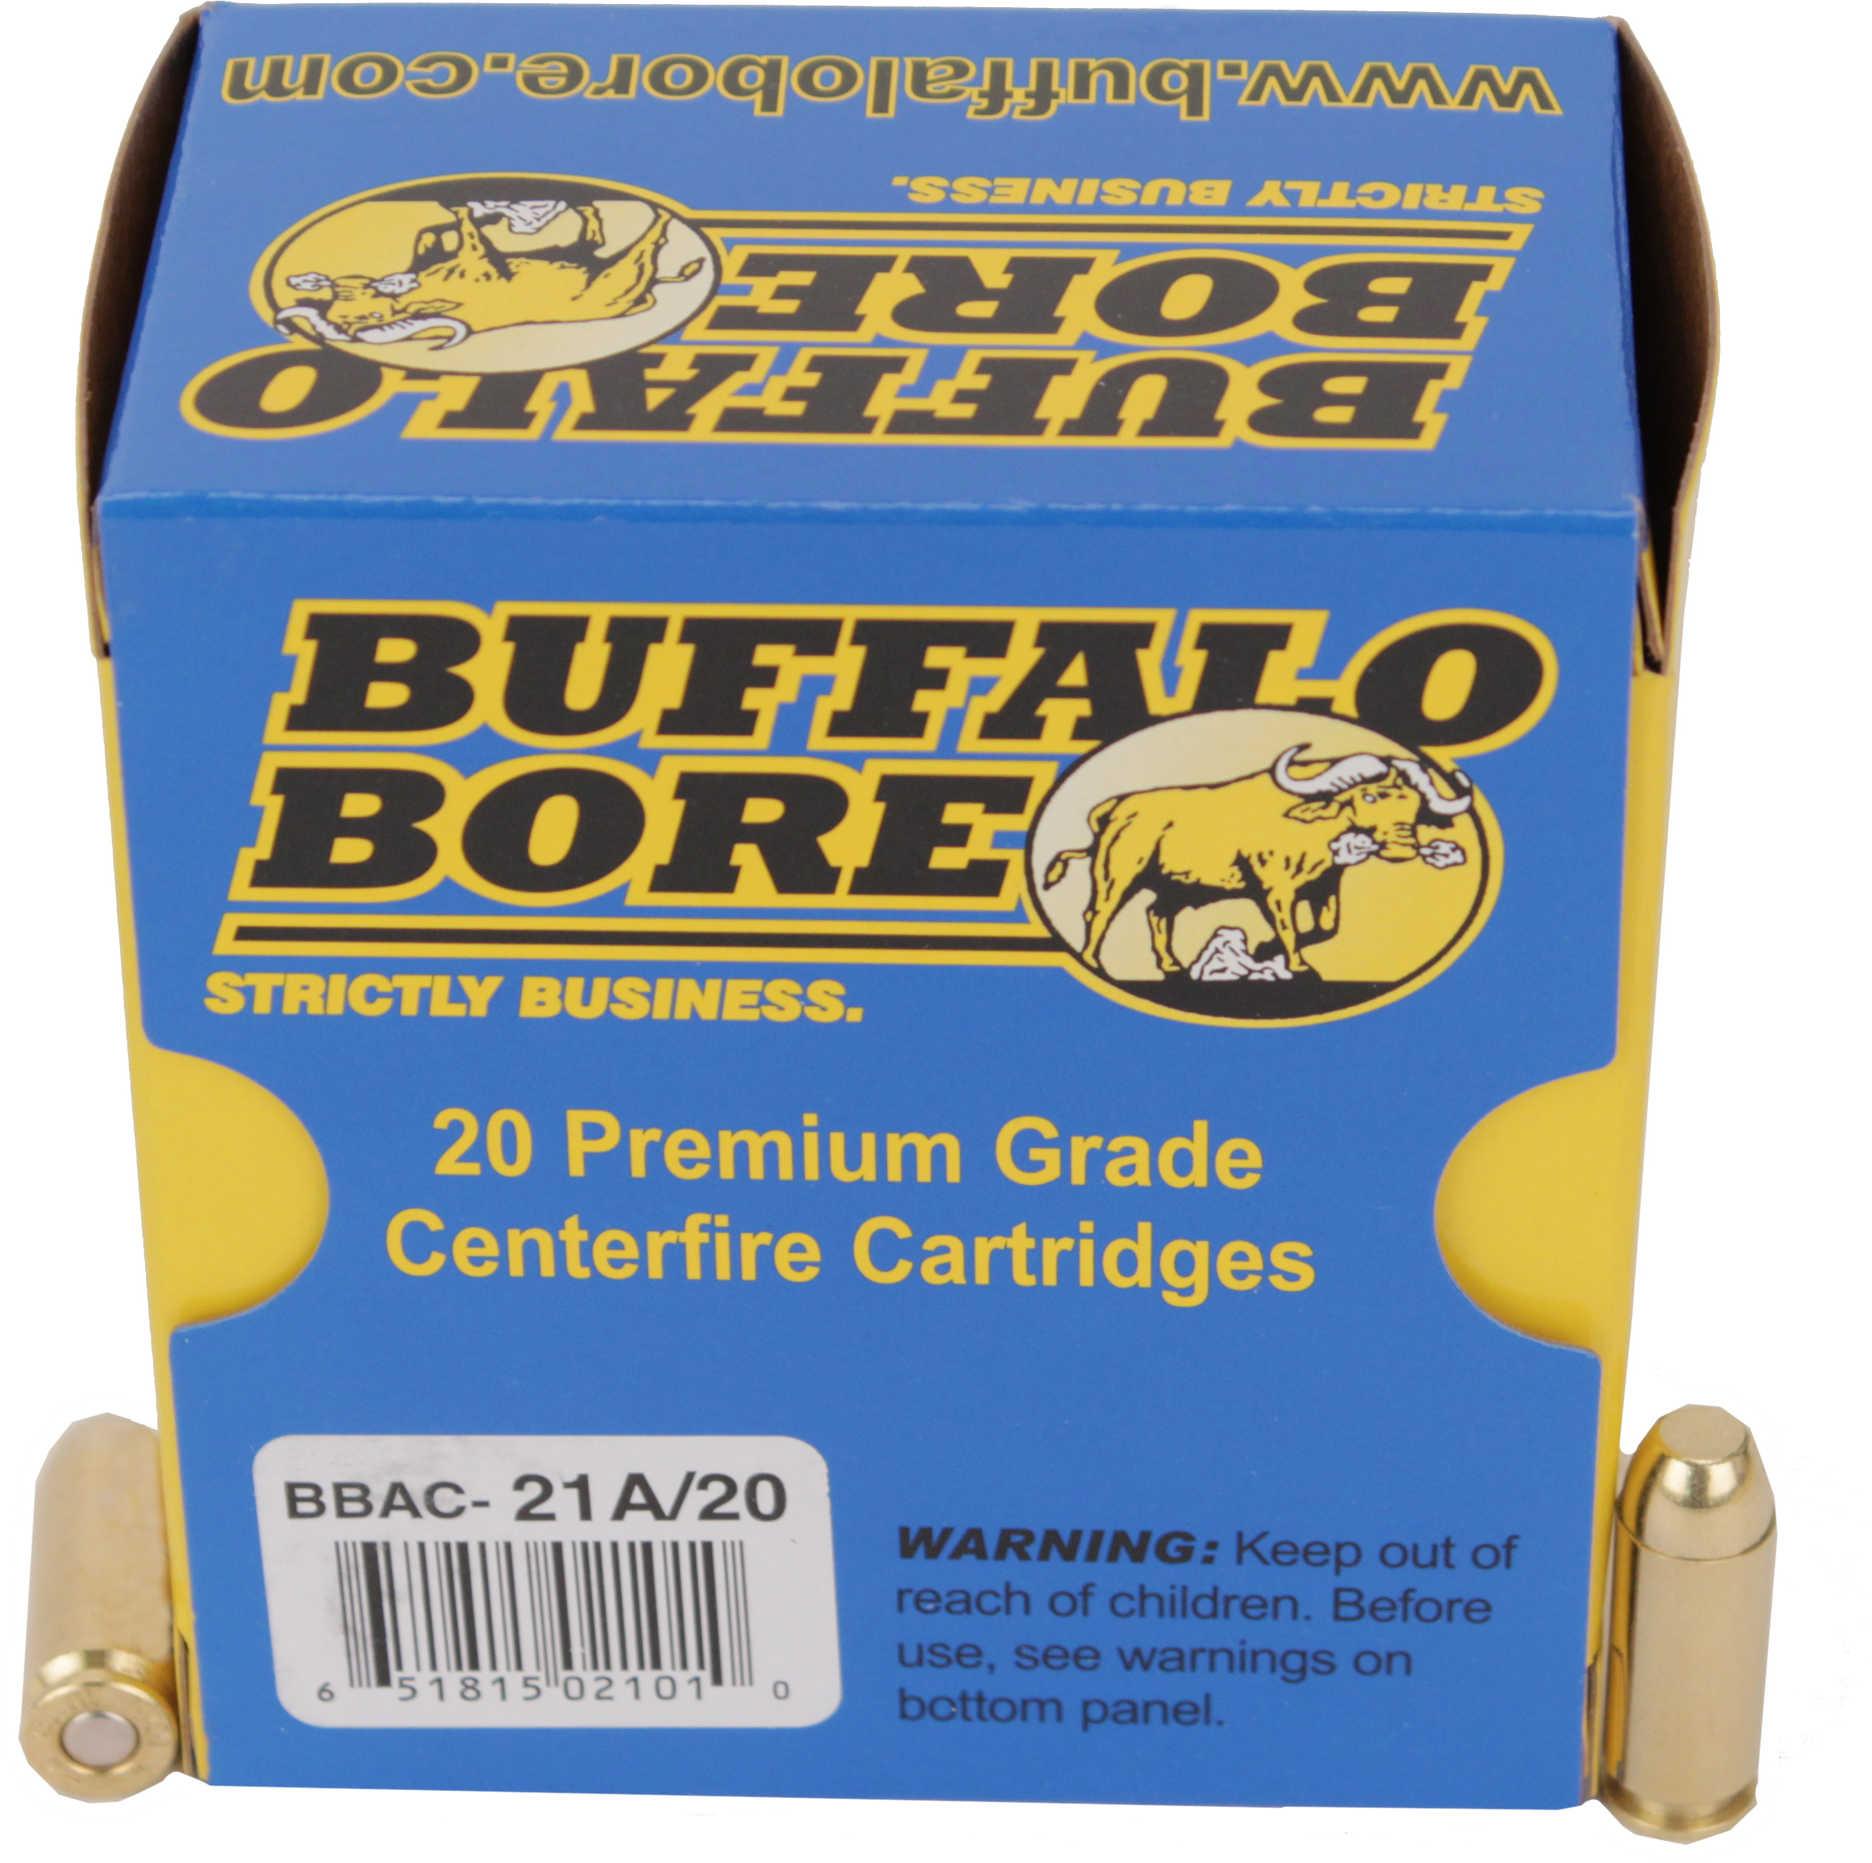 Buffalo Bore Ammunition Handgun 10mm FMJ Flat Nose 200 Grains 20 Rounds Per Box 21A/20